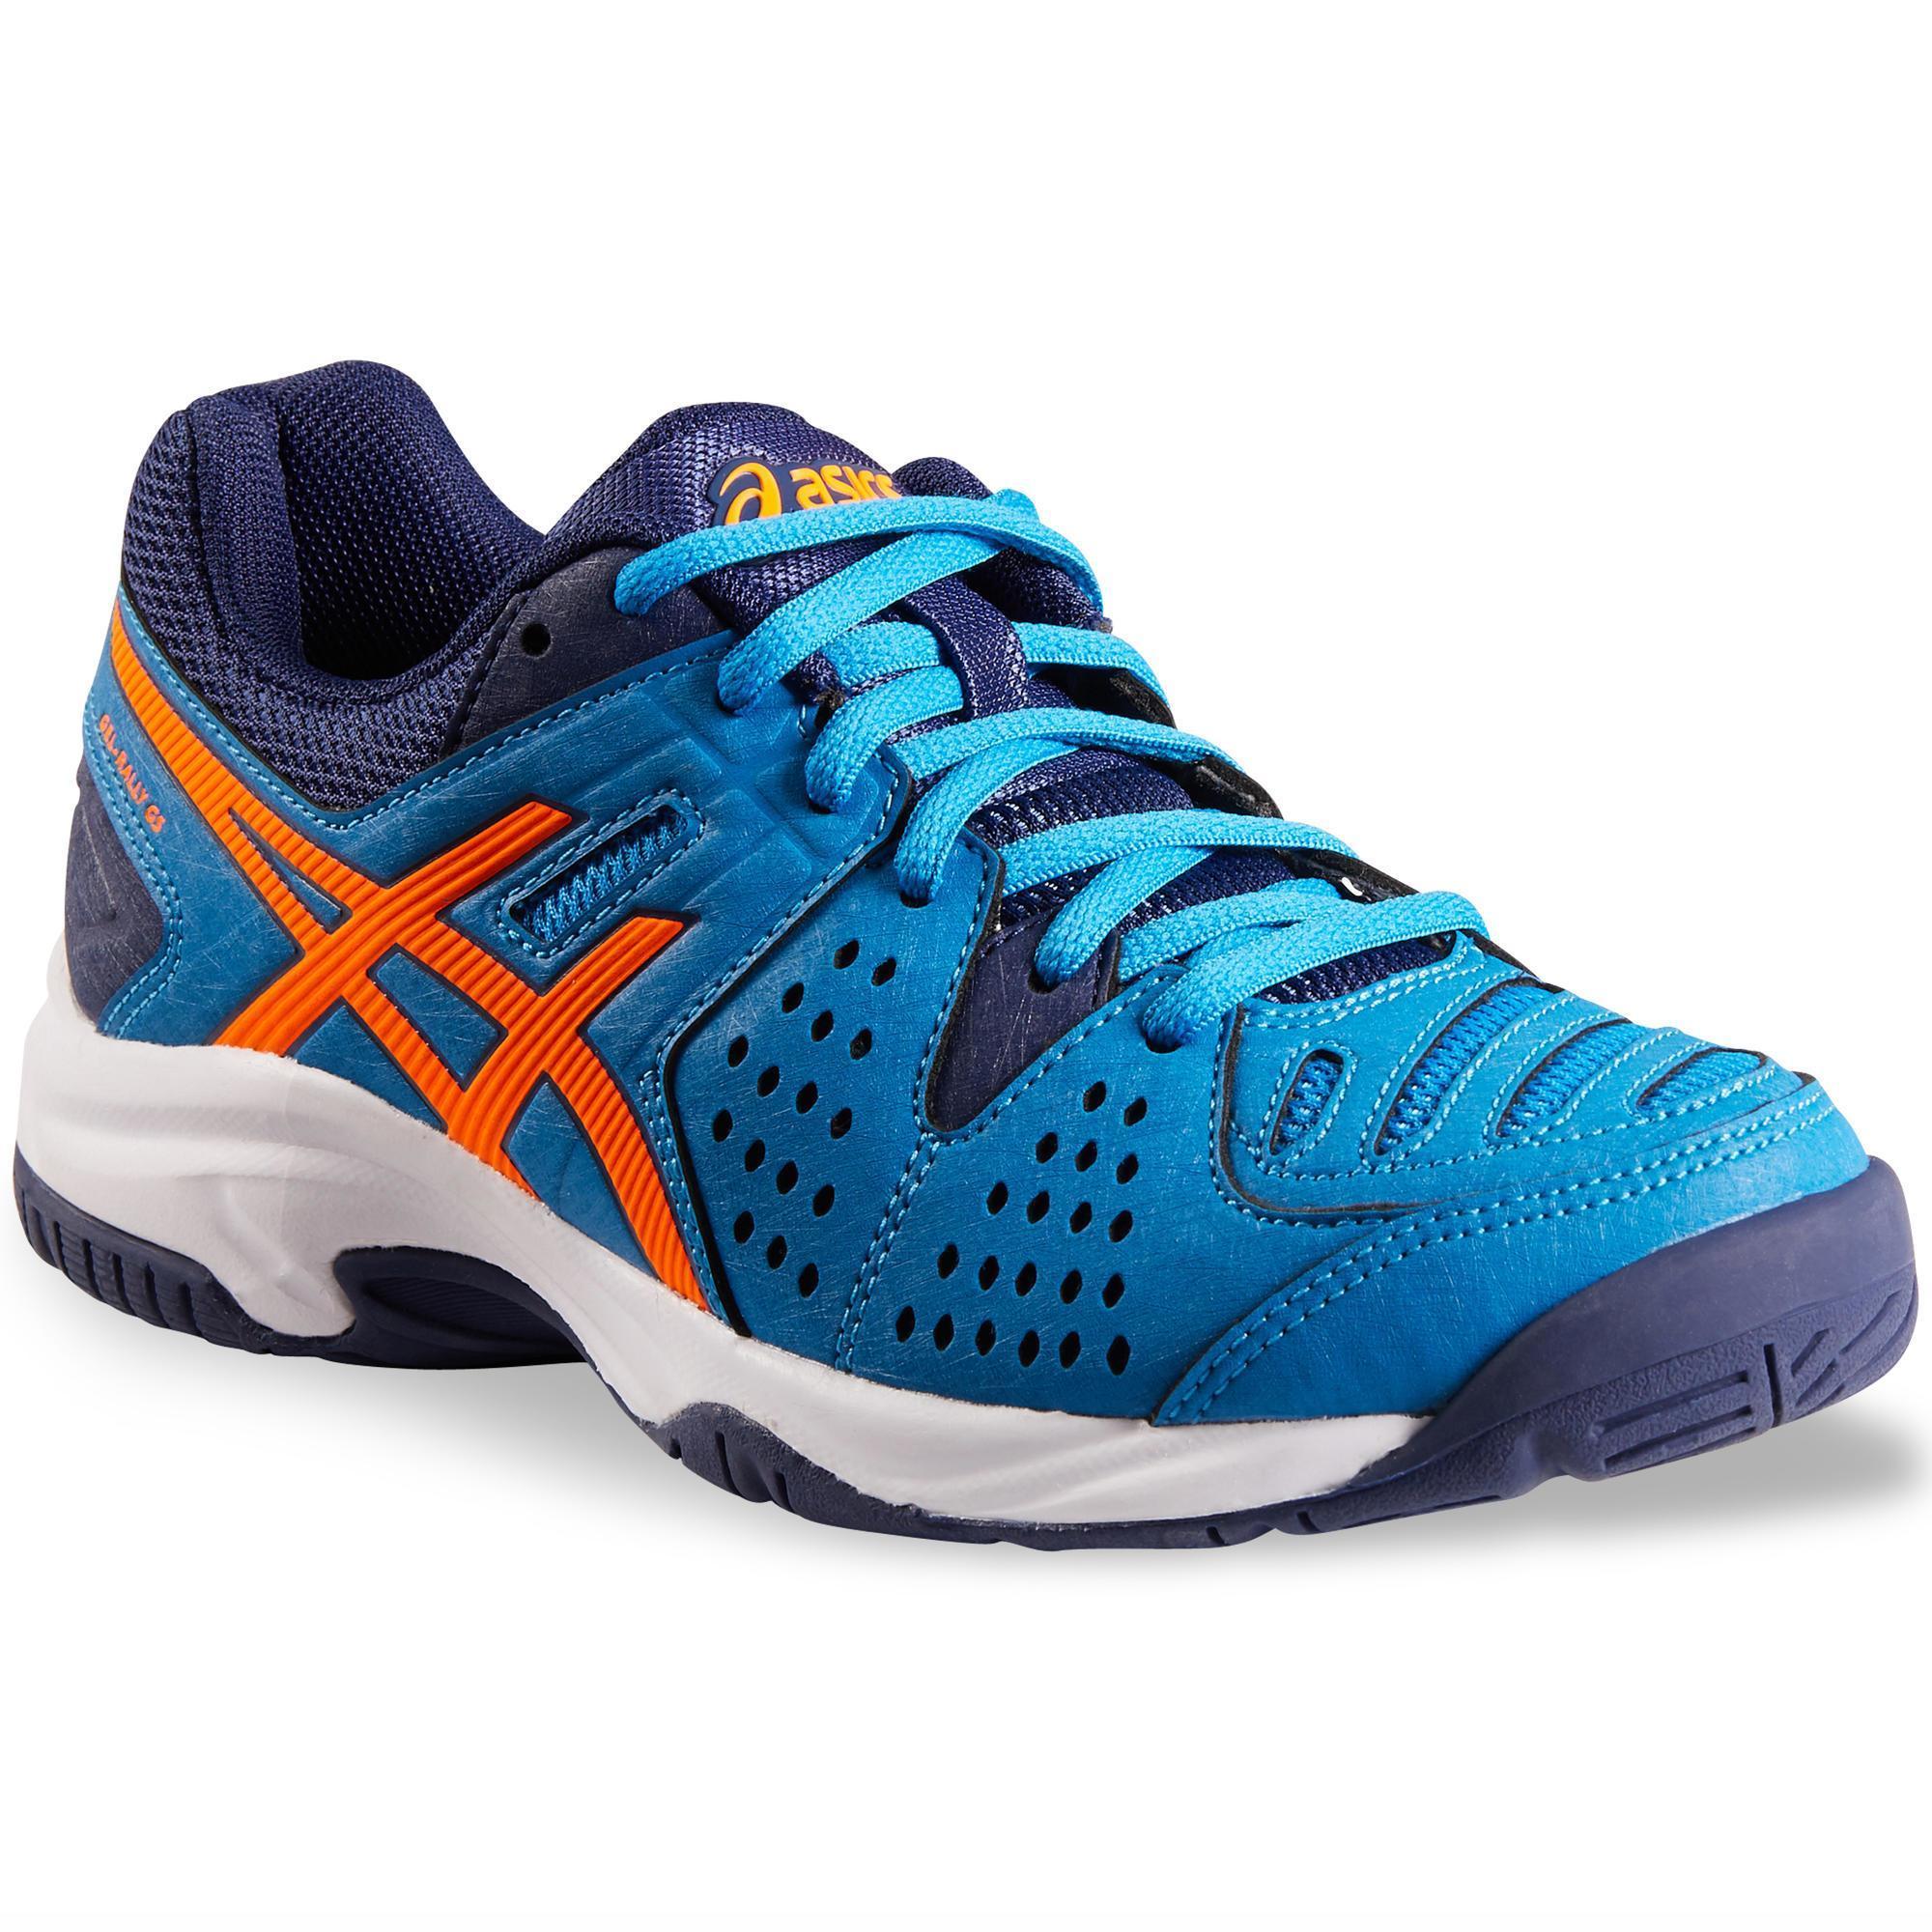 4e1a7deca Comprar Zapatillas de tenis niños y niñas online